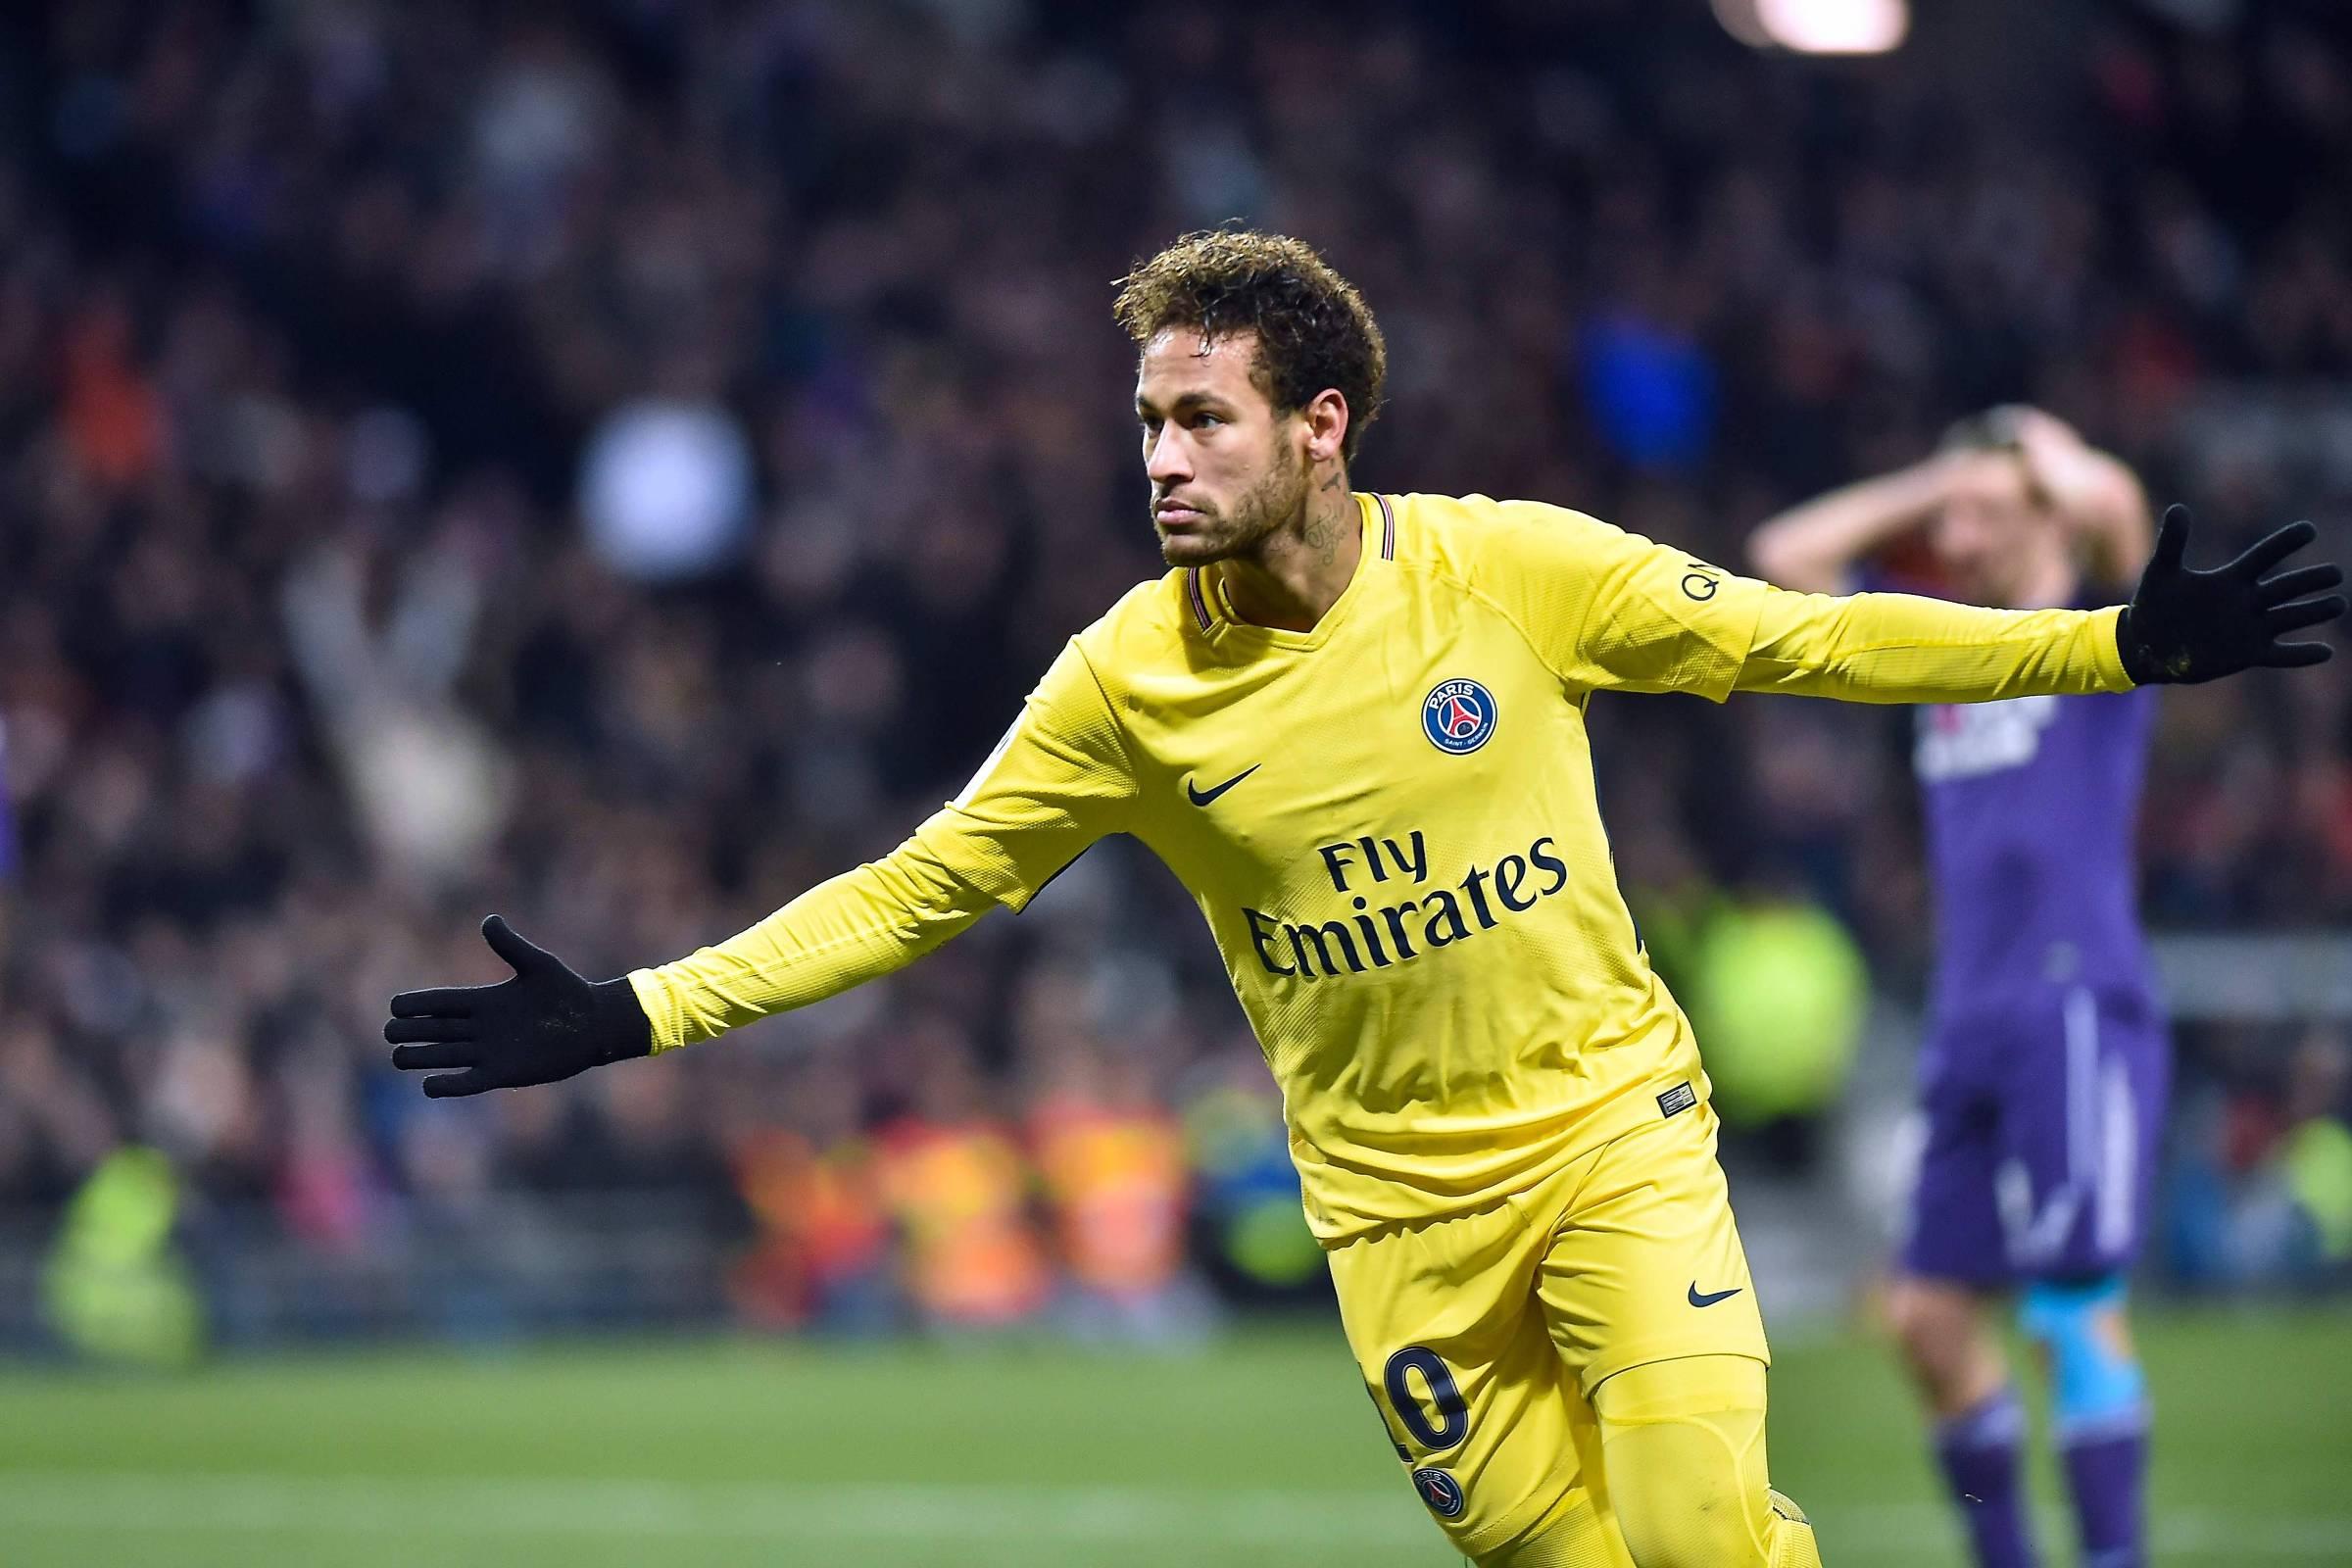 O clube Neymar - 11 02 2018 - PVC - Folha 19ab39d966e31